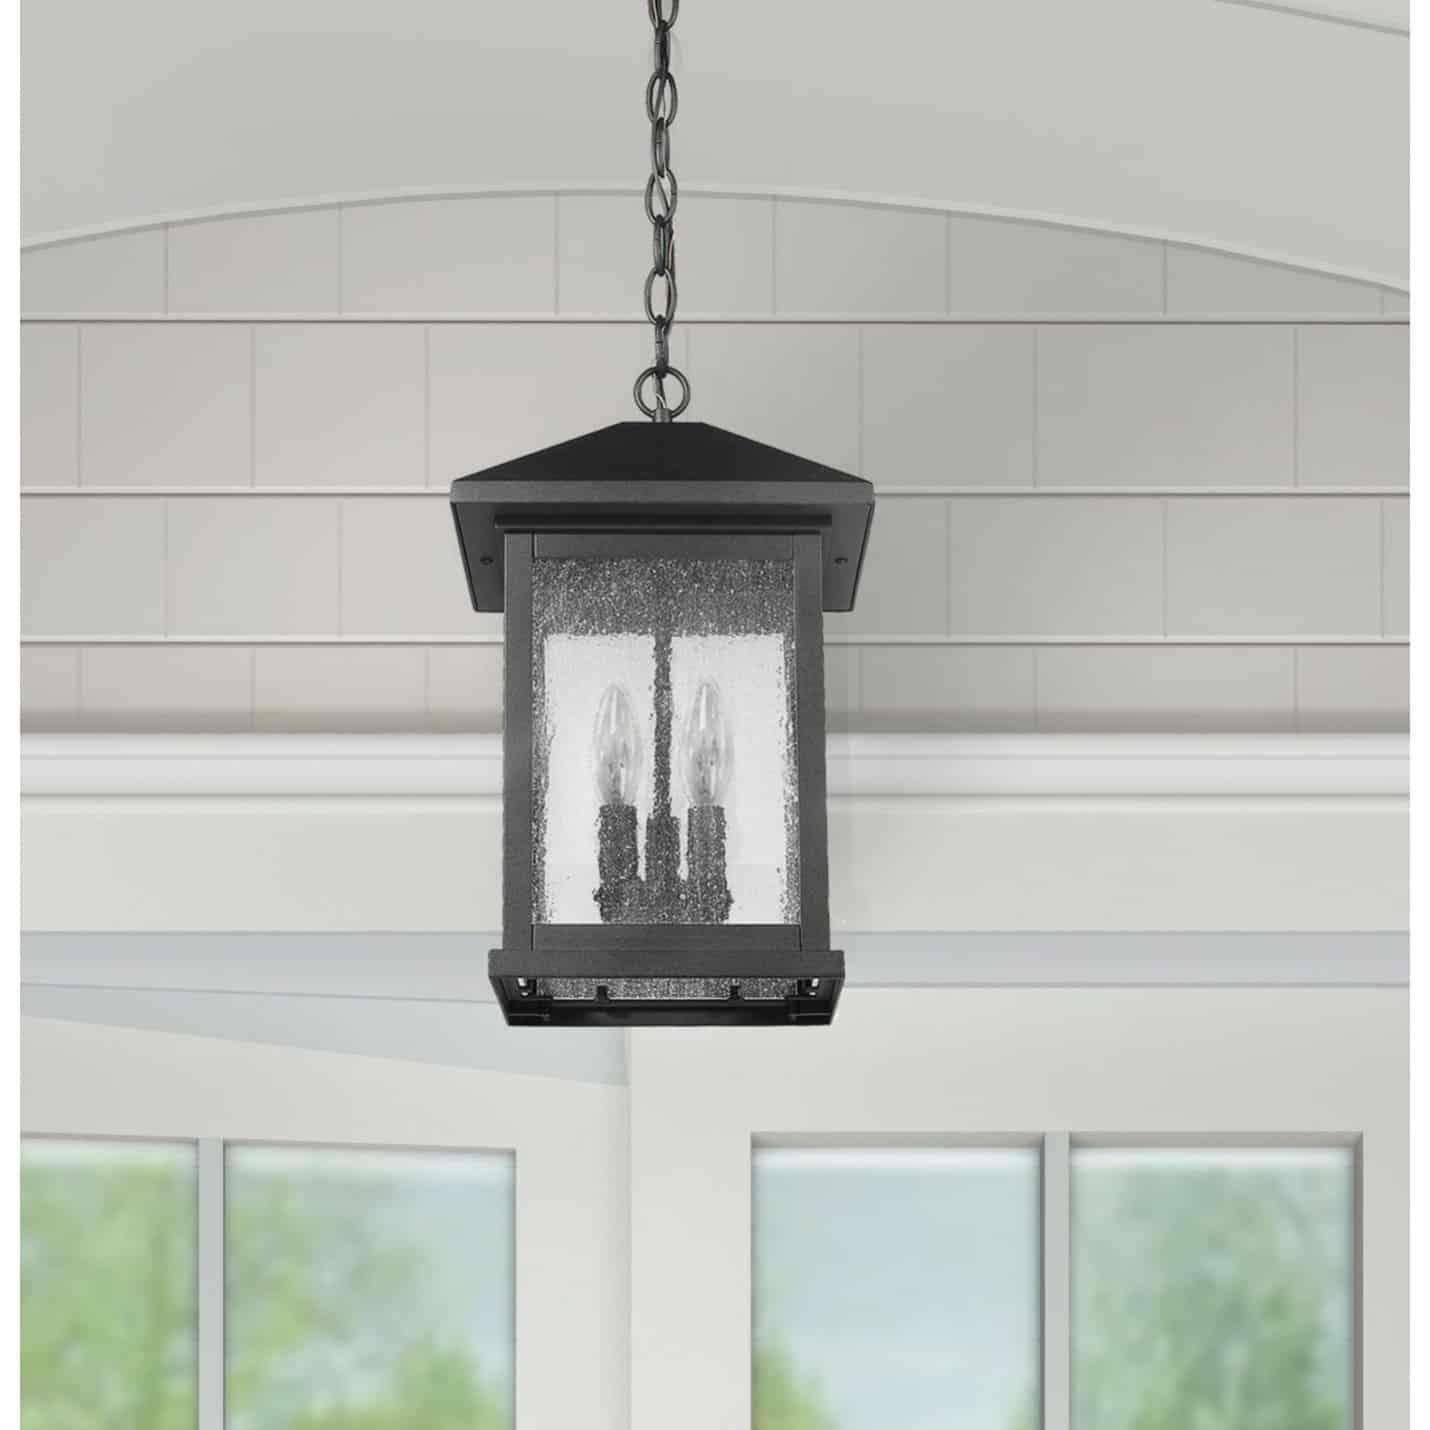 Hang an Overhead Pendant Light